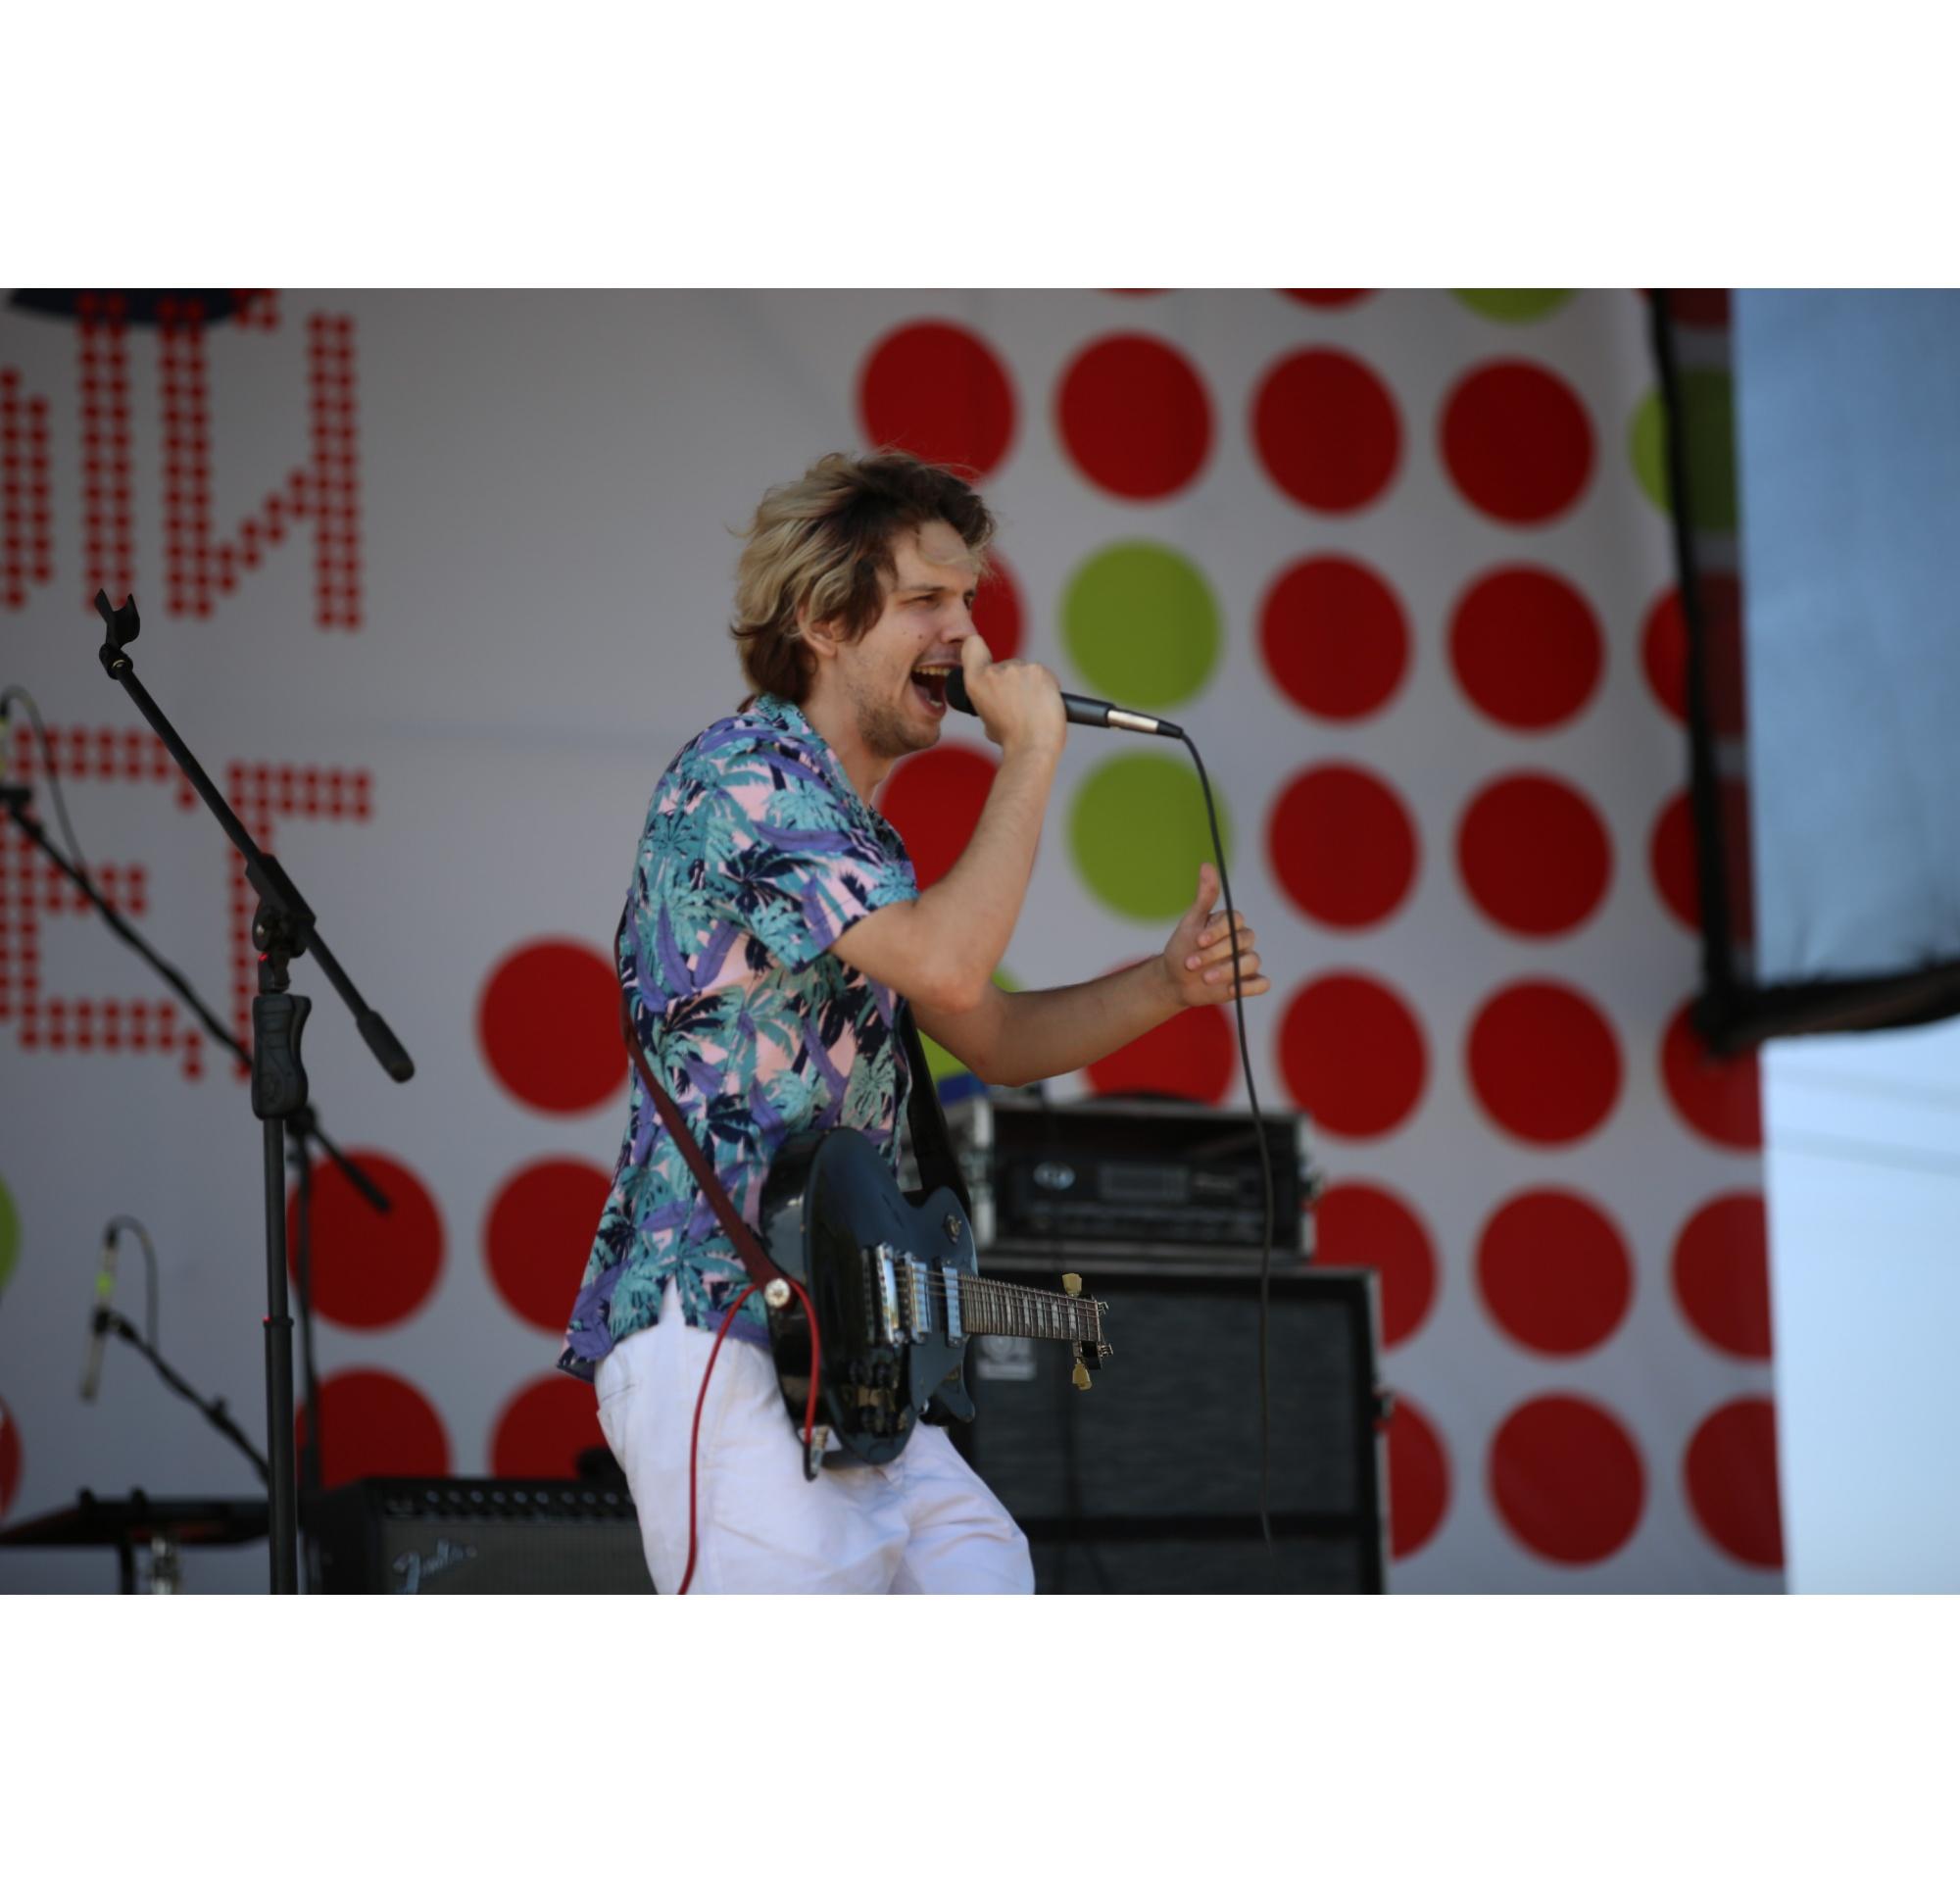 На фестивале выступали музыкальные группы из разных городов:He called her jen, АлоэВера,Морэ&Рэльсы и другие